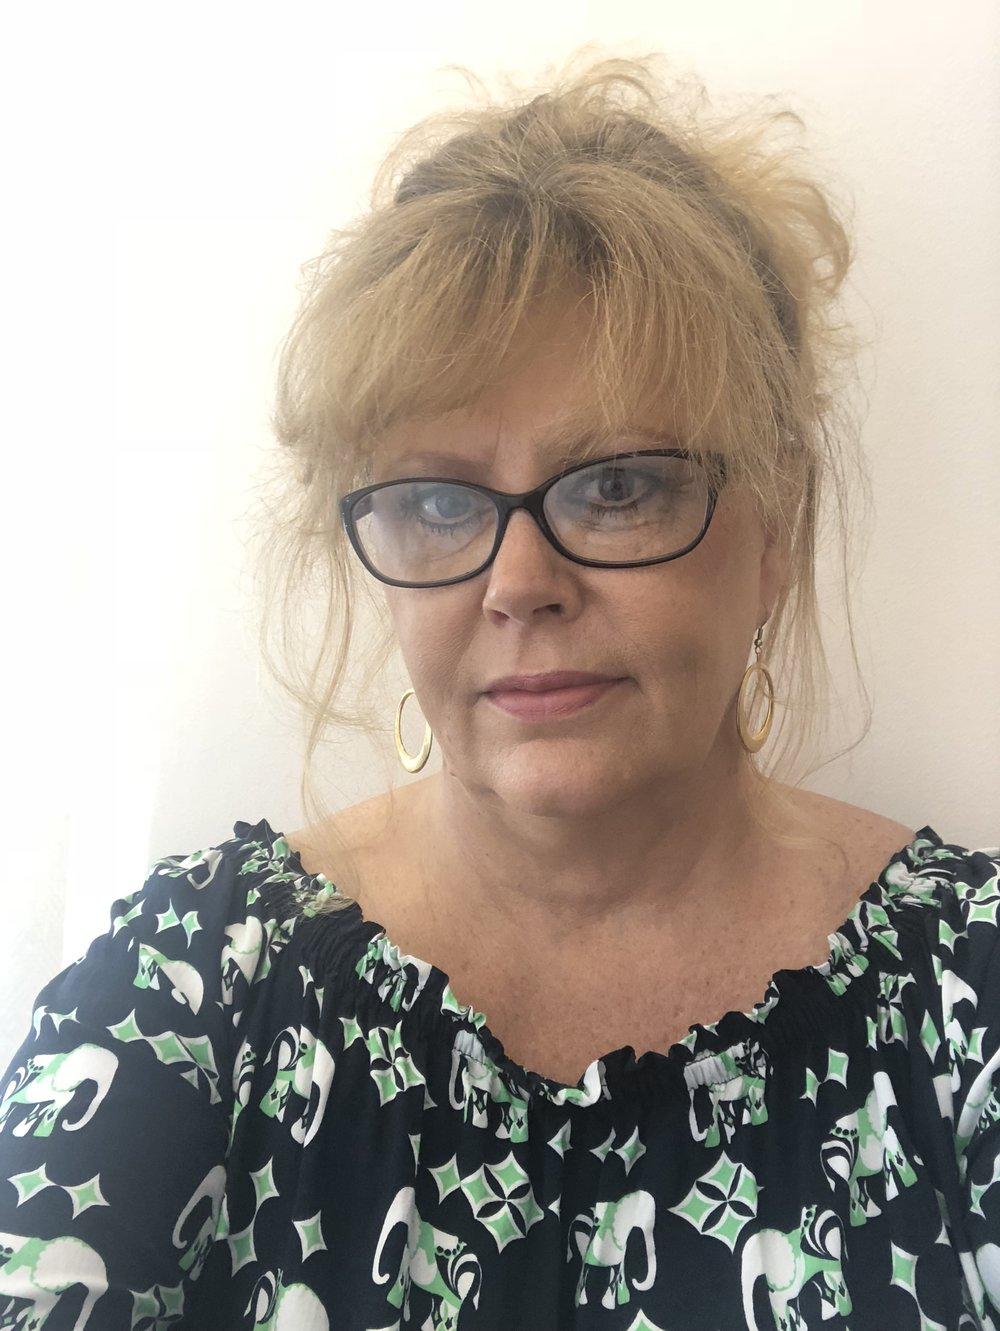 Cindy Flohr, owner of Inlet Bridal